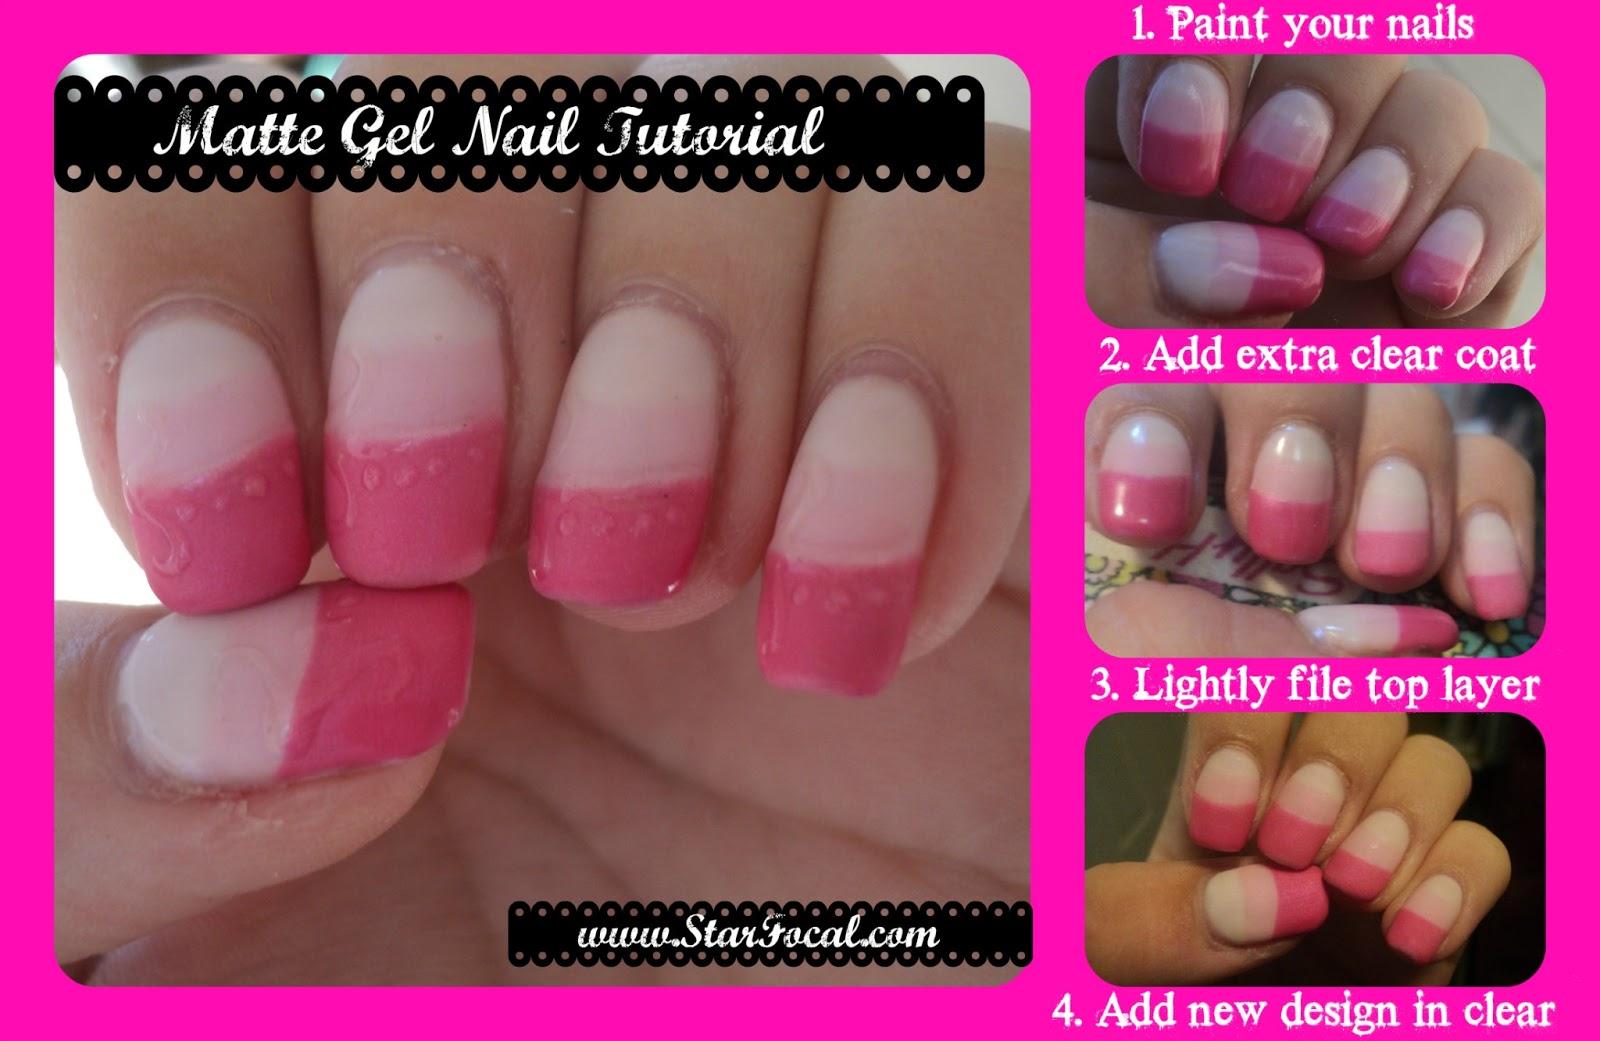 Matte Gel Nails Tutorial Starfocal